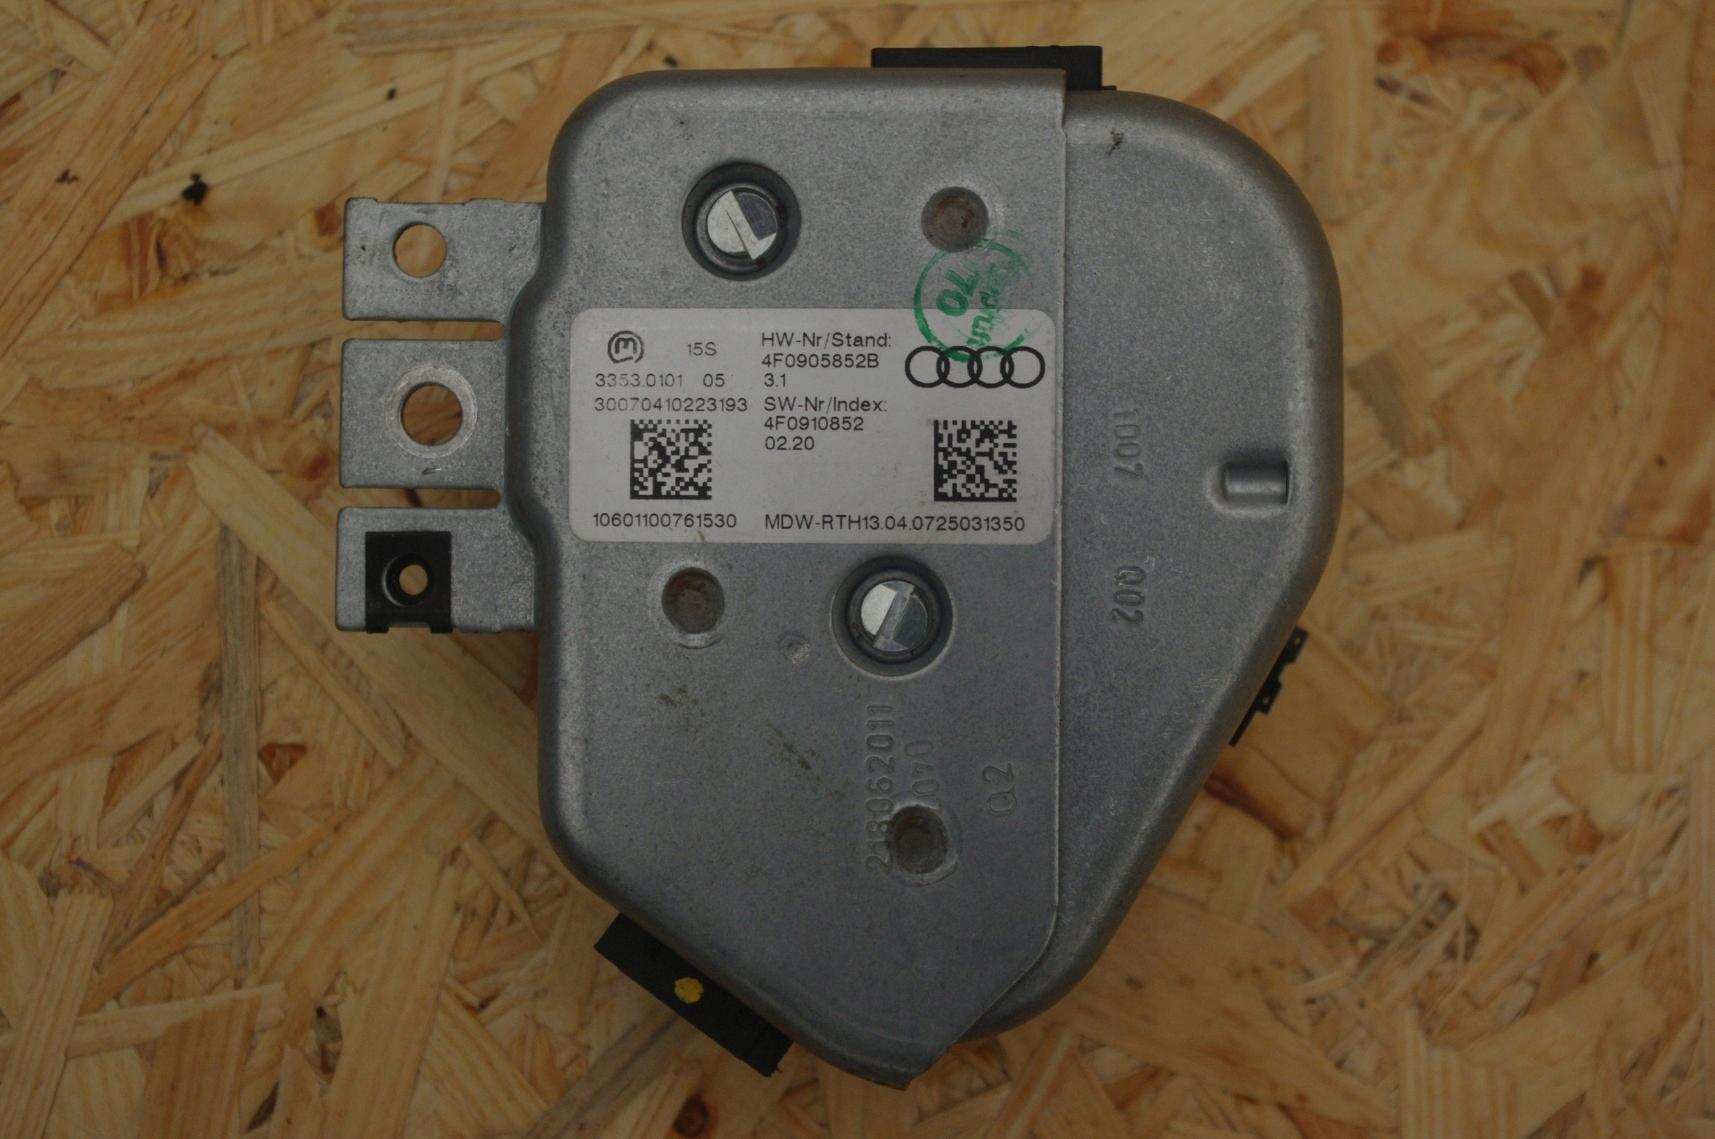 BLOKADA KIEROWNICY AUDI A6 C6 Q7 2.0TDI 4F0905852B